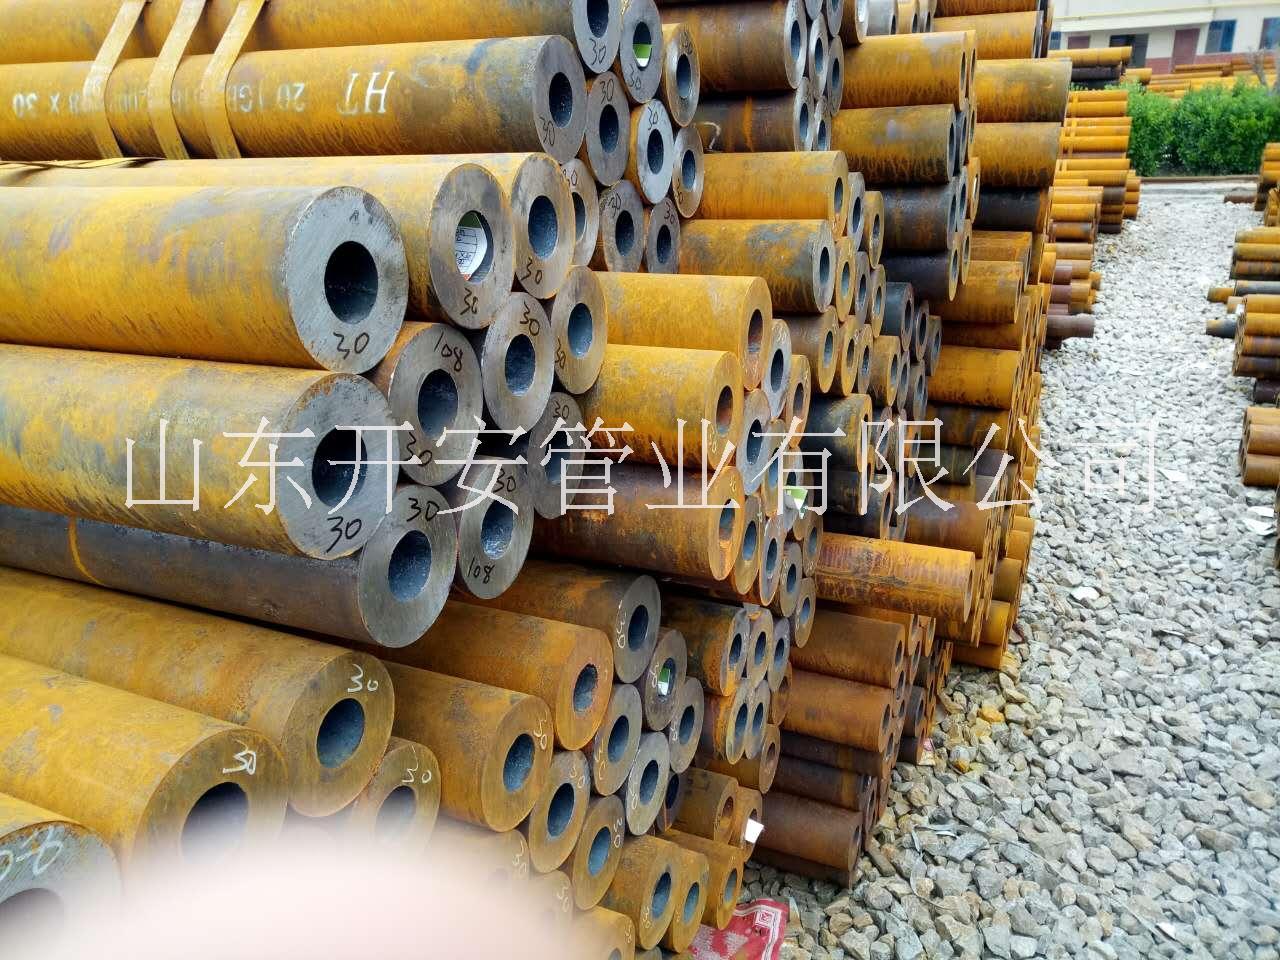 热轧厚壁无缝管,非标无缝钢管,各种材质厚壁无缝钢管——现货供应